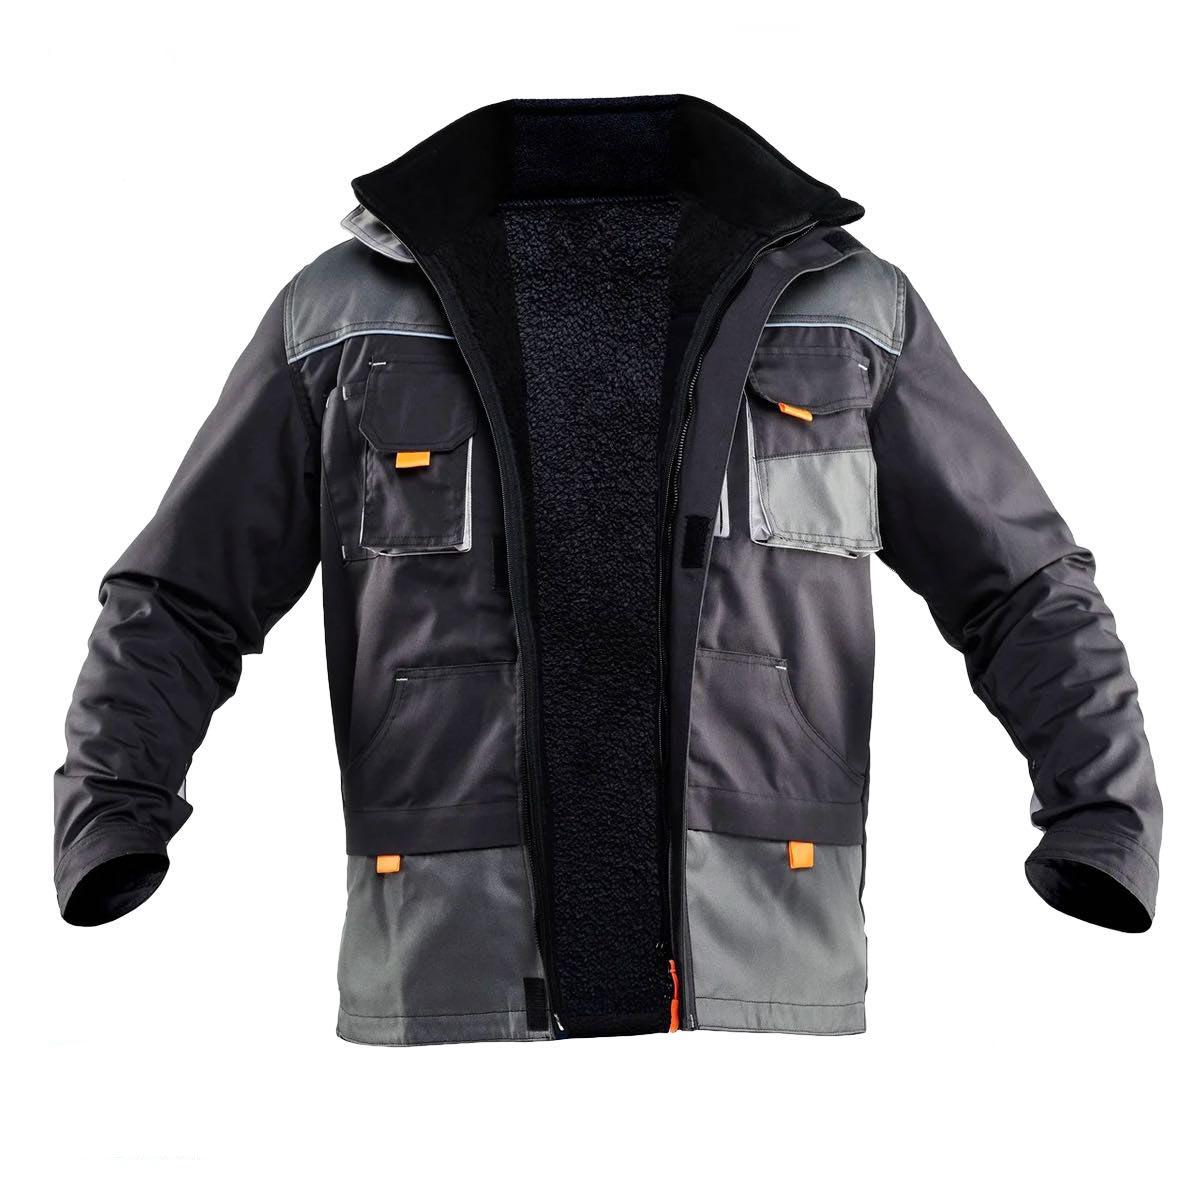 Куртка рабочая зимняя 2 в 1 STEELUZ J 4S G